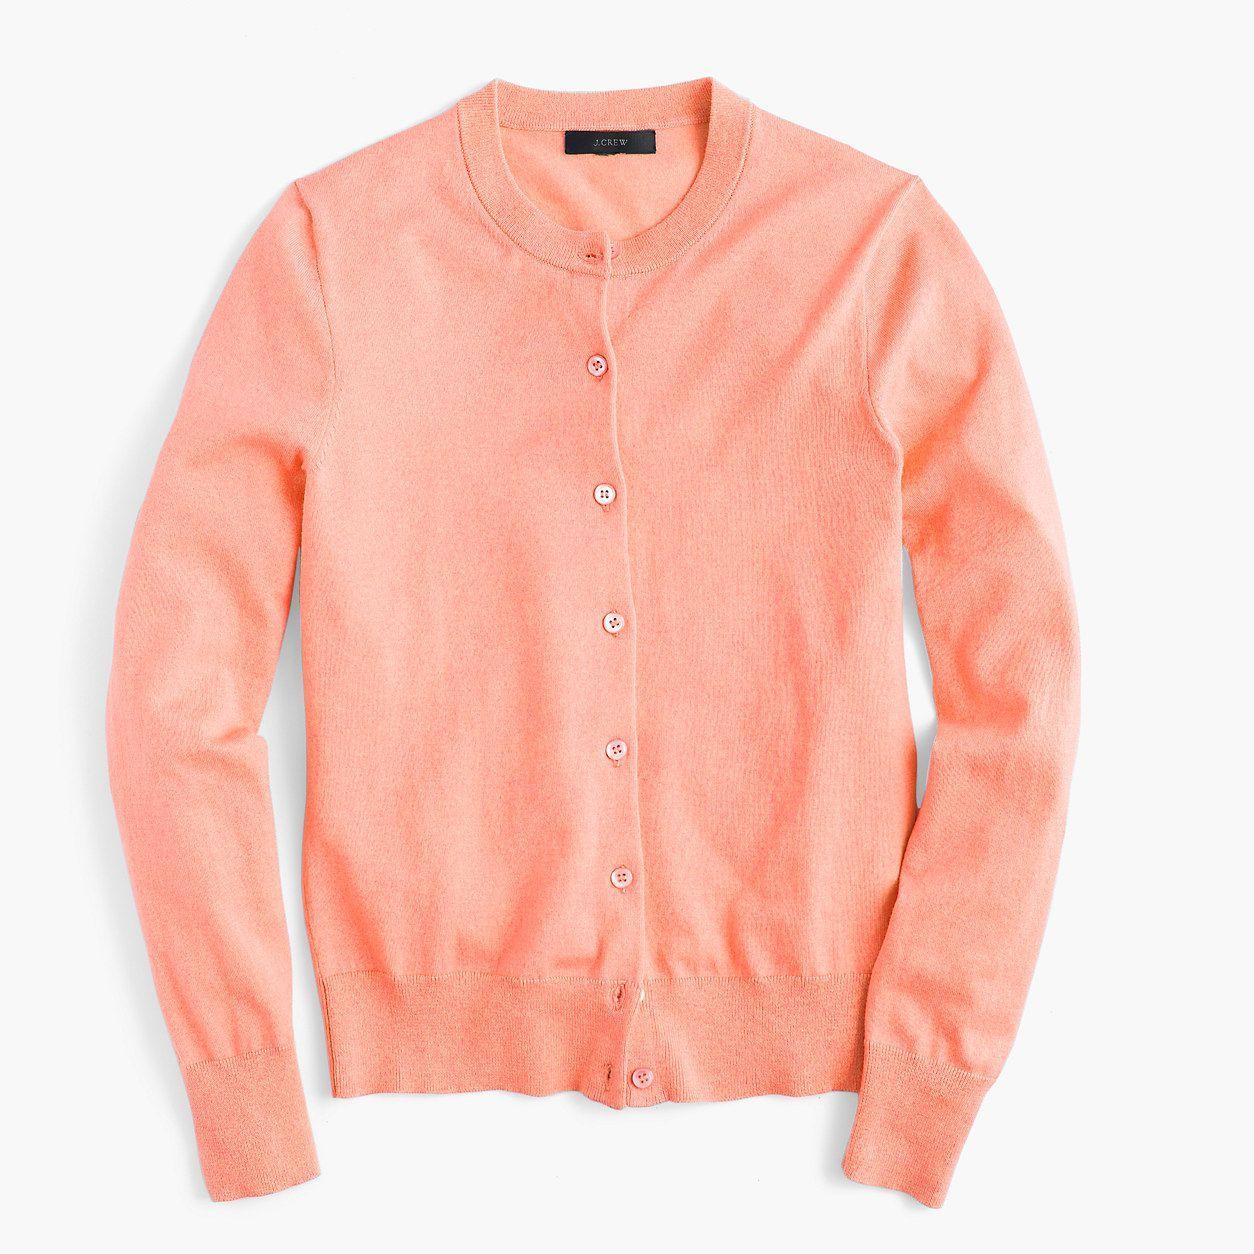 J.Crew Womens Cotton Jackie Cardigan Sweater (Size XXS) | Products